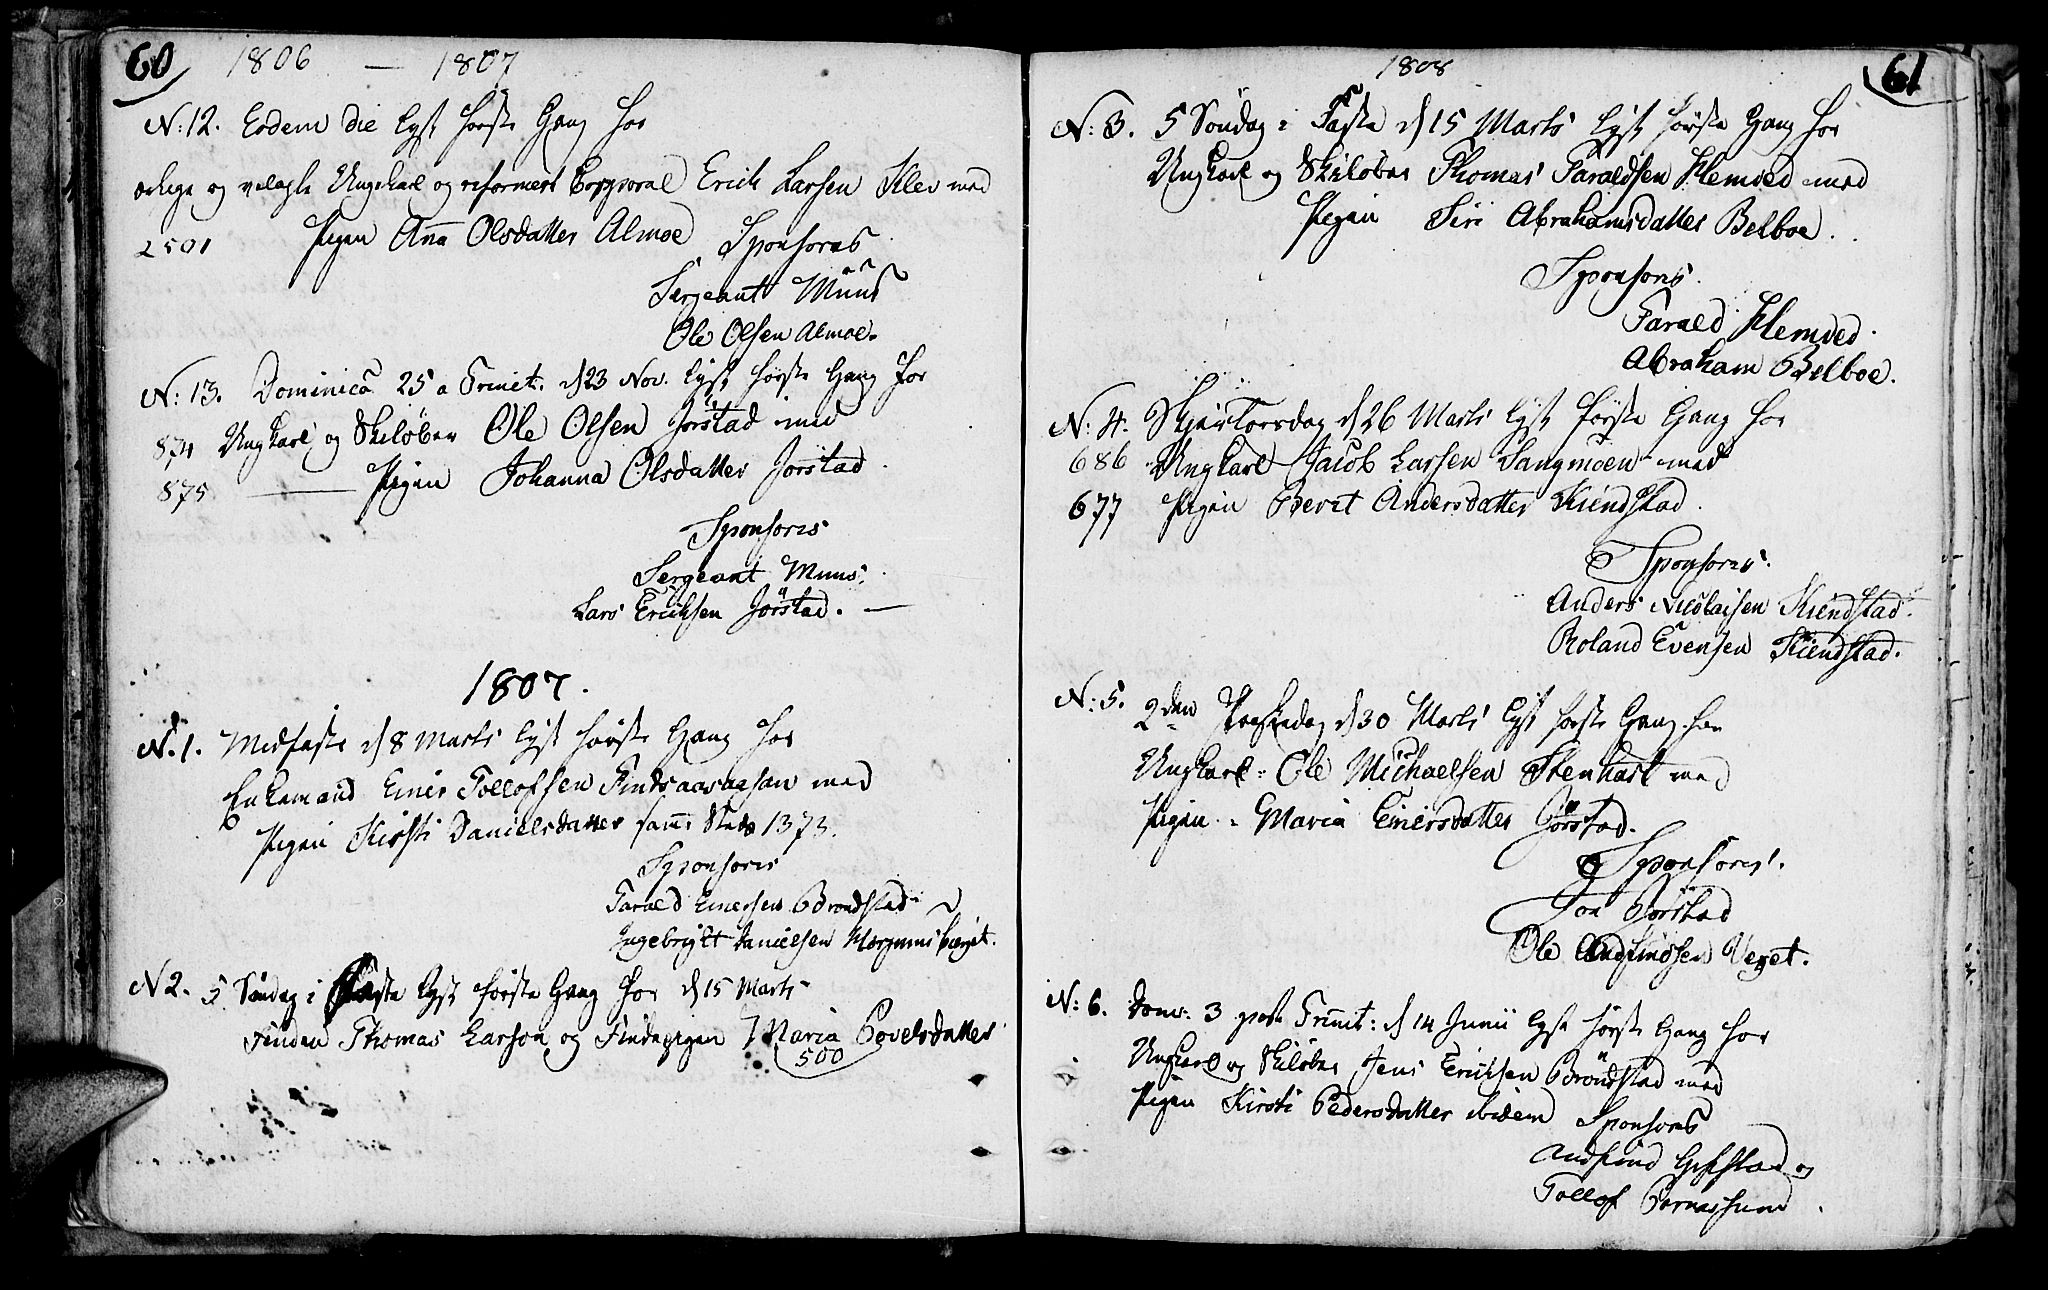 SAT, Ministerialprotokoller, klokkerbøker og fødselsregistre - Nord-Trøndelag, 749/L0468: Ministerialbok nr. 749A02, 1787-1817, s. 60-61